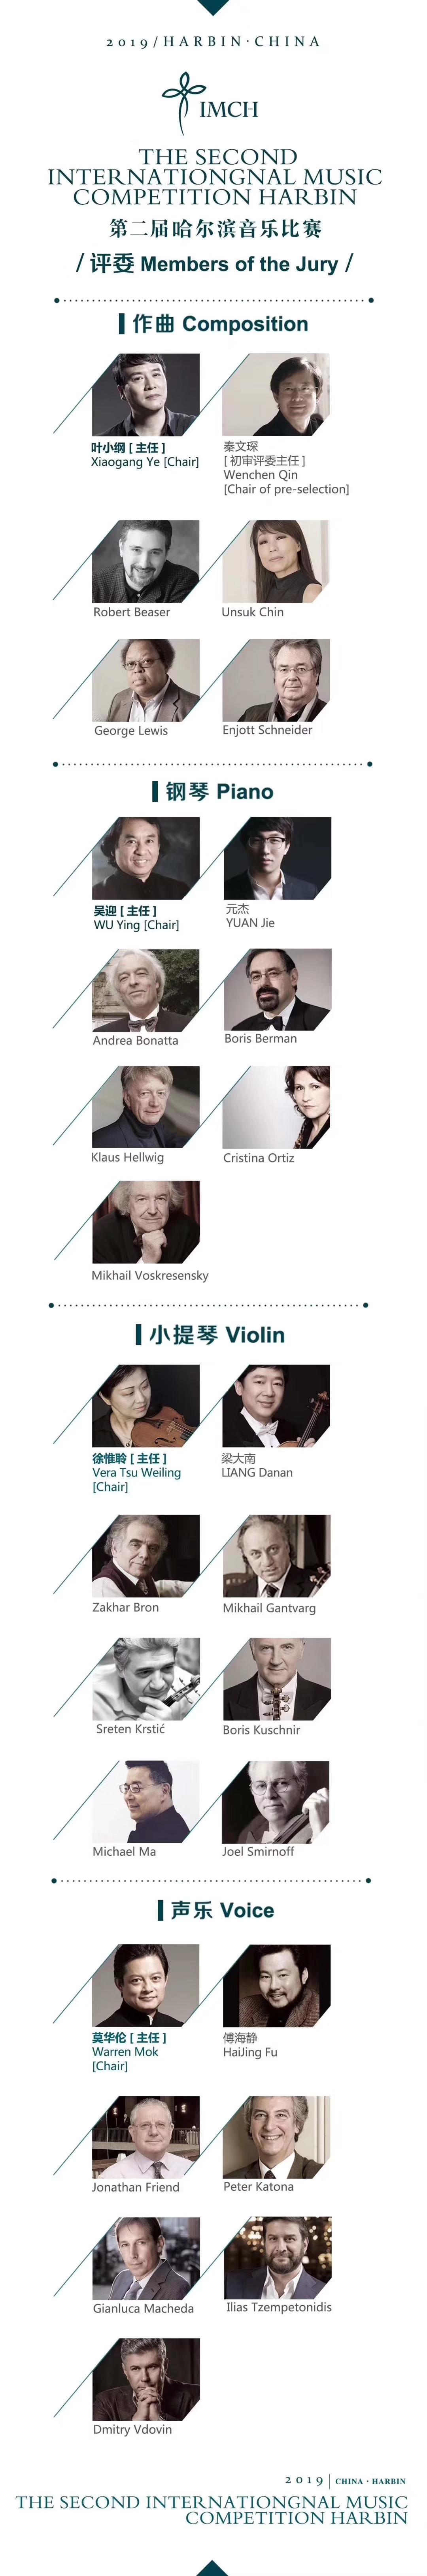 第二届哈尔滨音乐比赛将于2019年8月31日开赛 5月1日截止报名